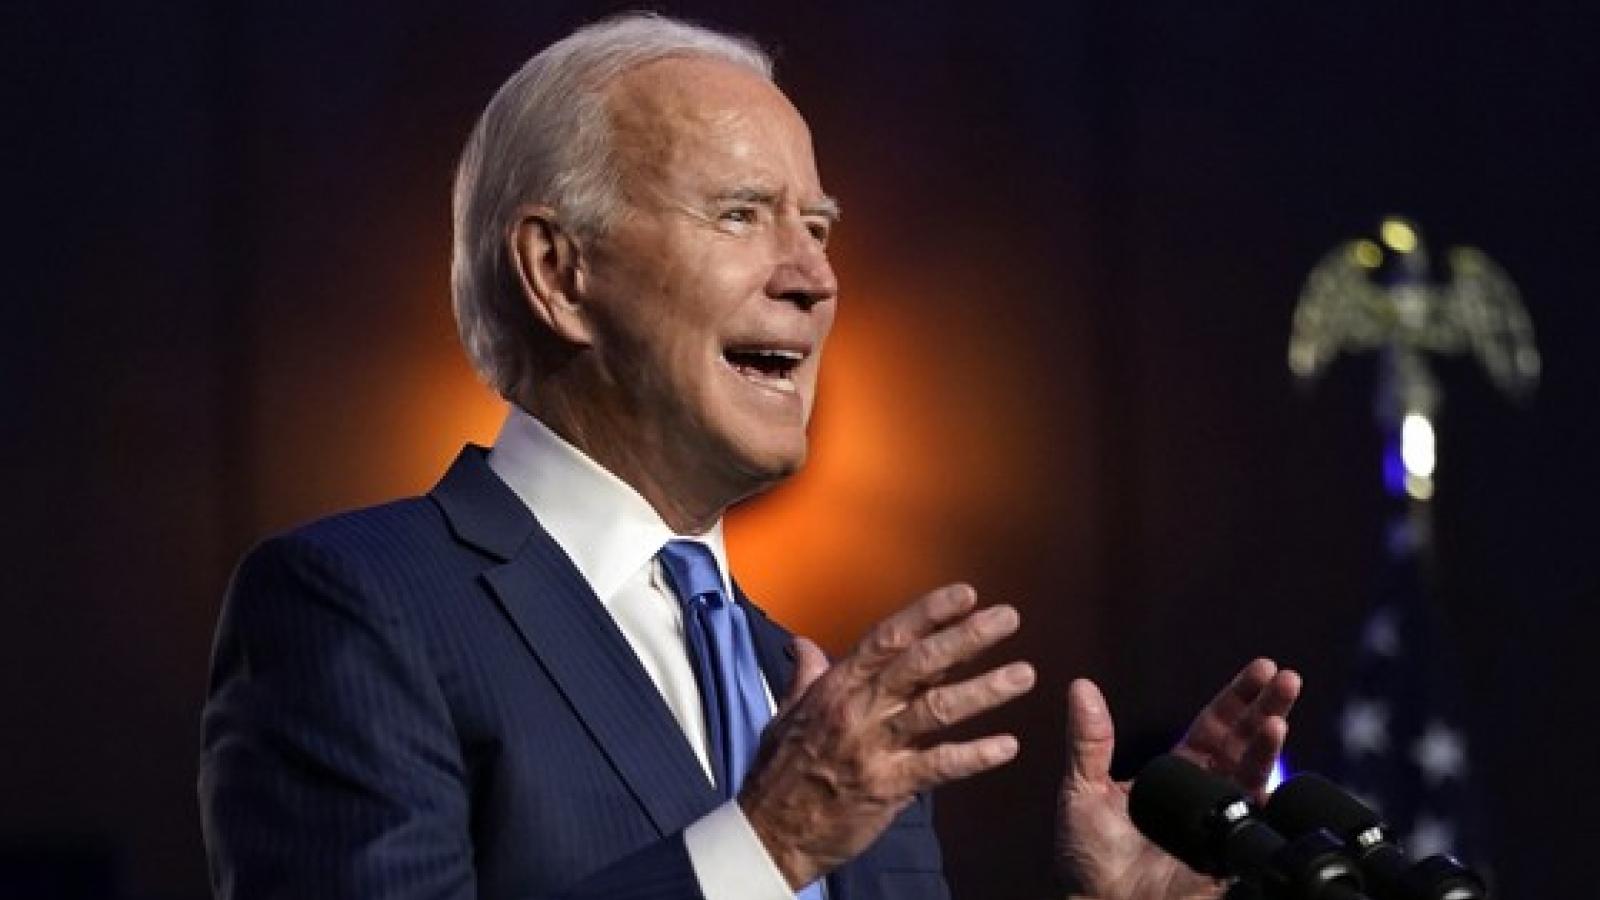 Cử tri trẻ tuổi – chìa khóa mang lại chiến thắng cho ông Joe Biden